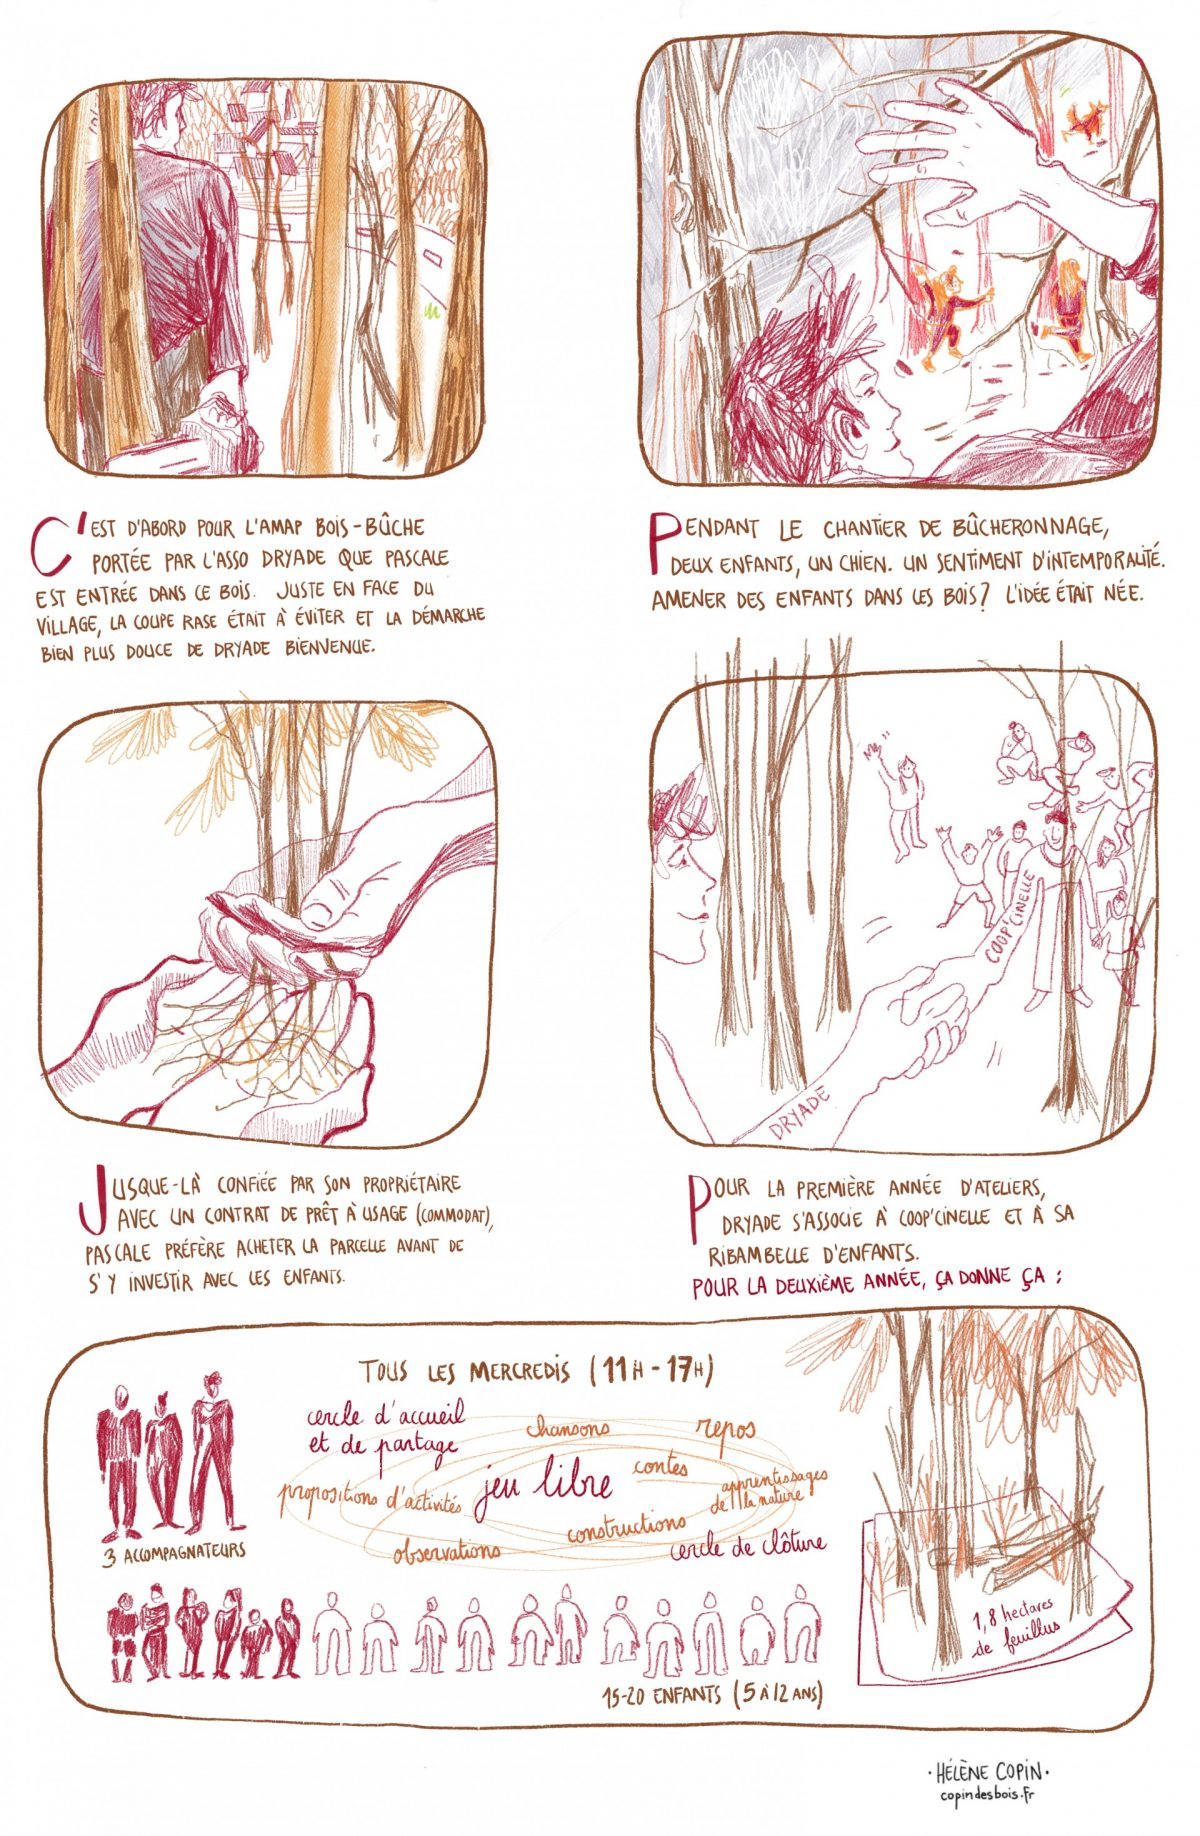 Les enfants des bois, création du projet, association Dryad, Drôme